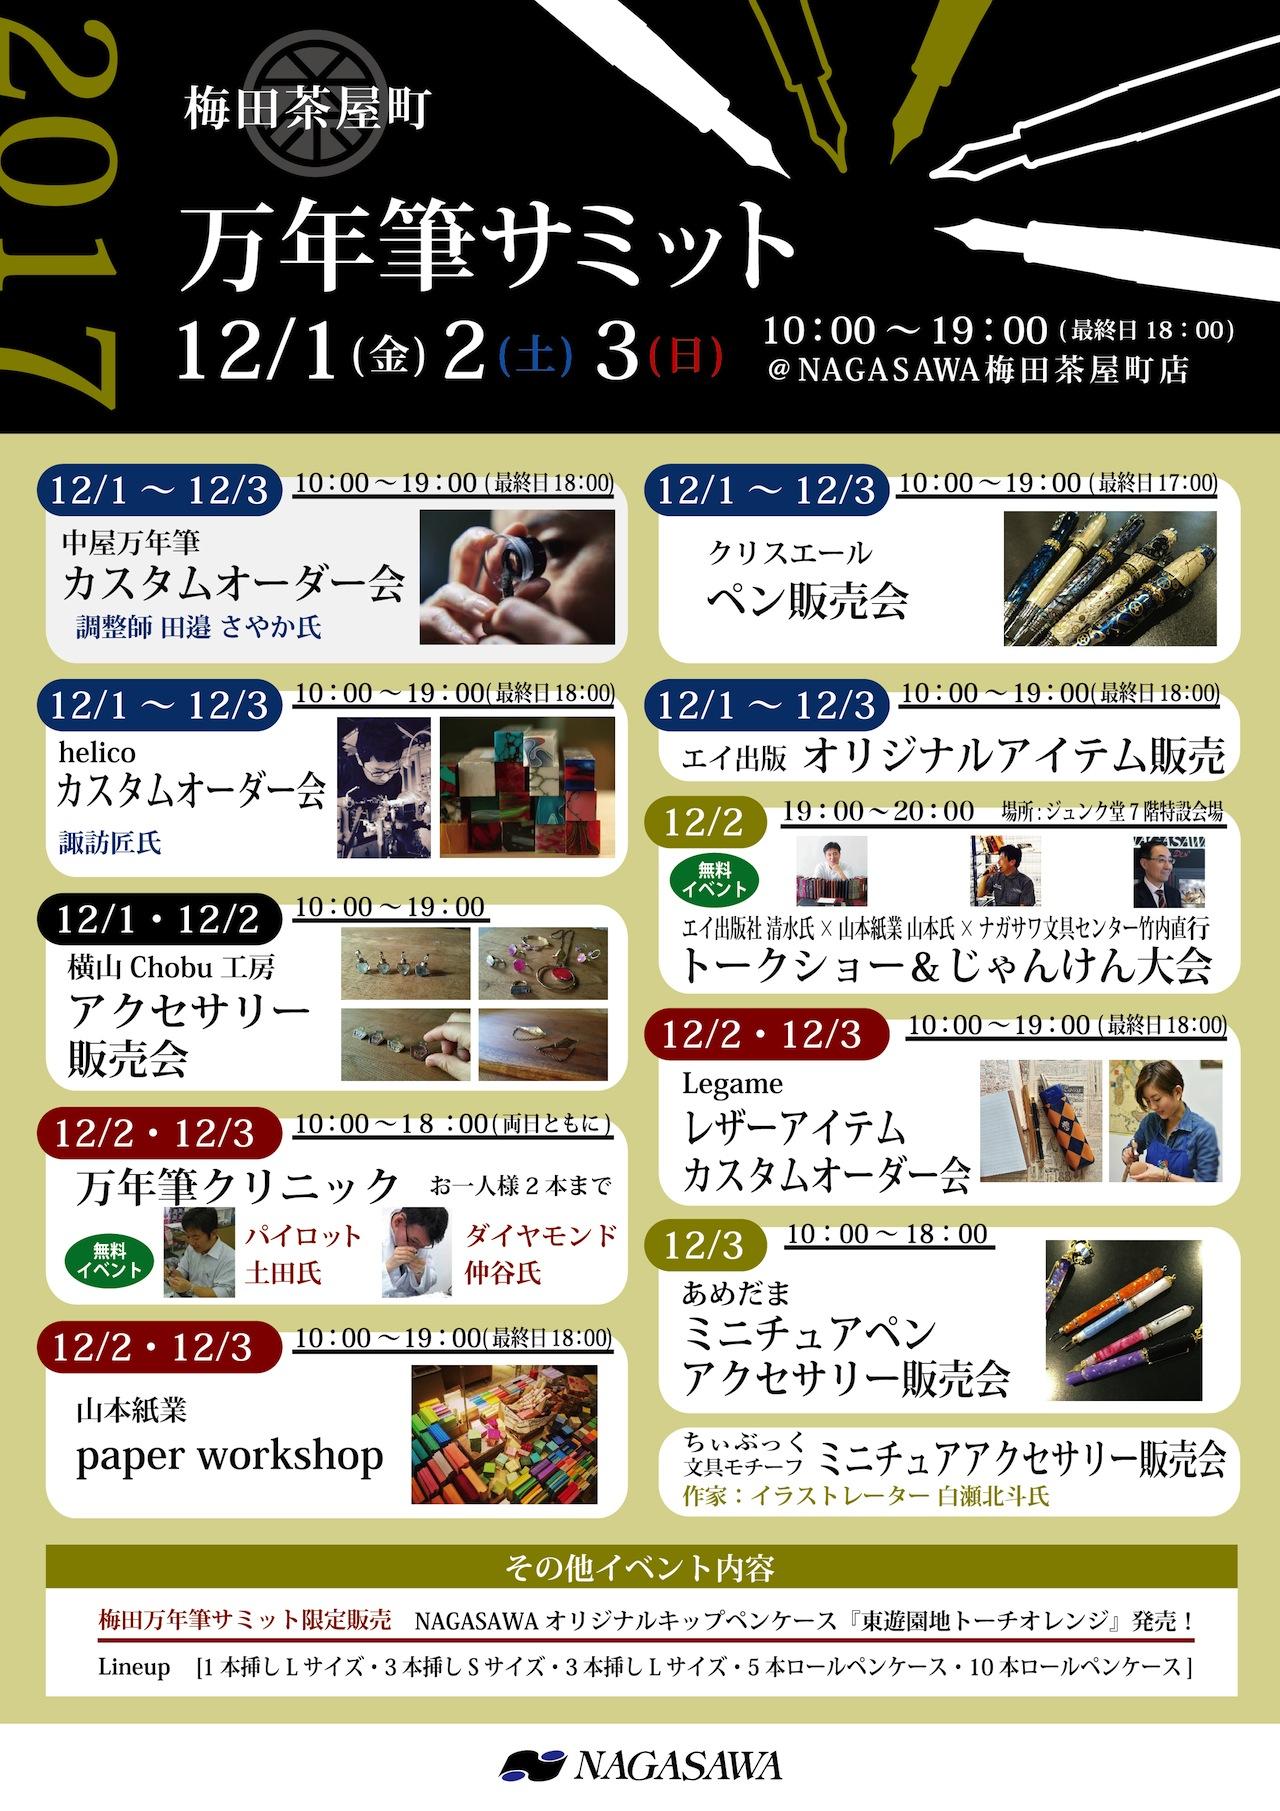 年末のビッグイベント『万年筆サミット』12月に梅田茶屋町で開催!